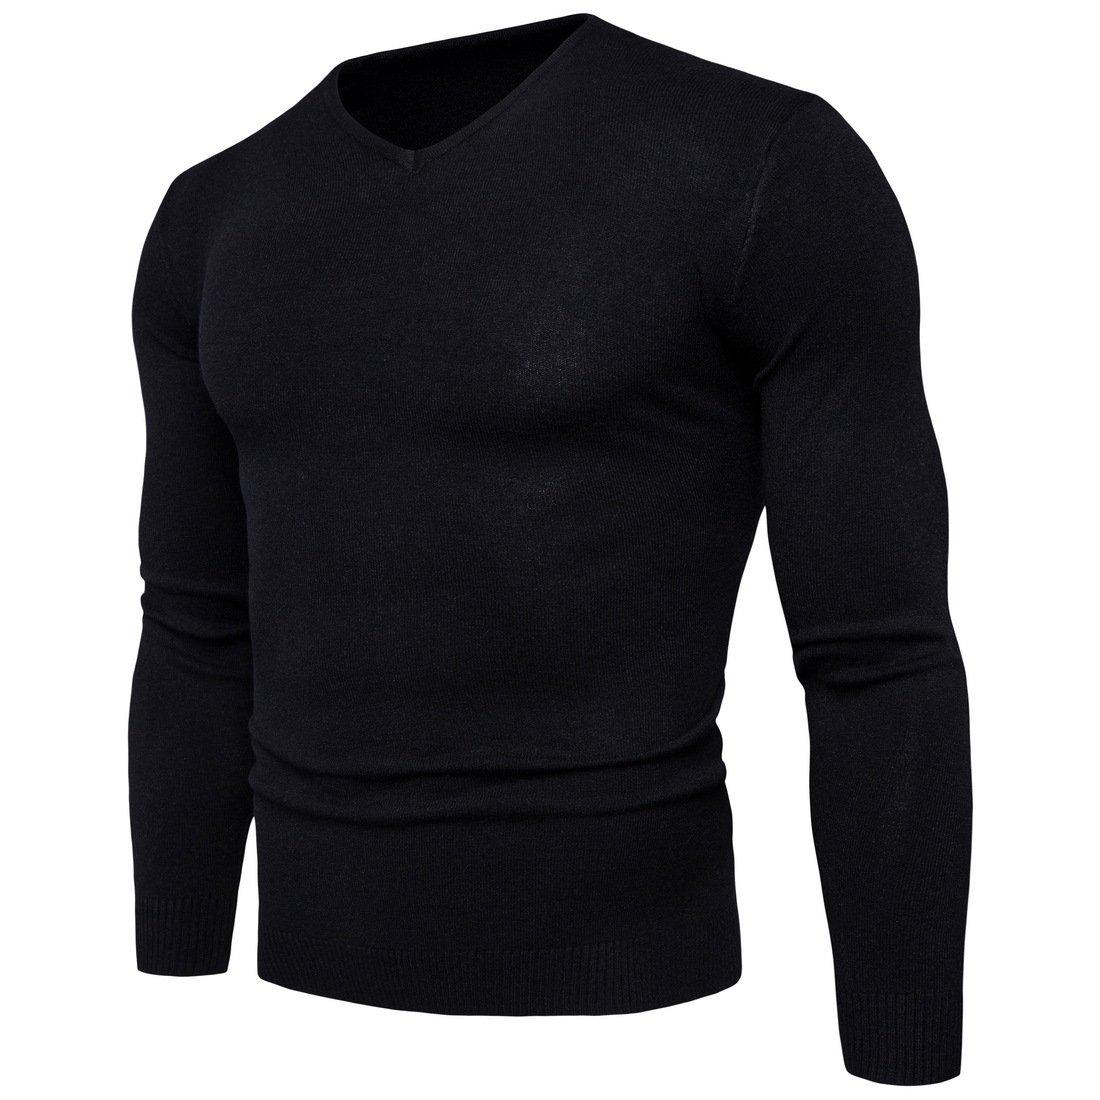 HY-Sweater HY-Sweater HY-Sweater Langarm Knit Pullover Herbst und Winter's Pullover Männer Pullover mit V-Ausschnitt Sau V für Freizeitaktivitäten B077RDDHJ5 Jacken Wirtschaft 64aa06